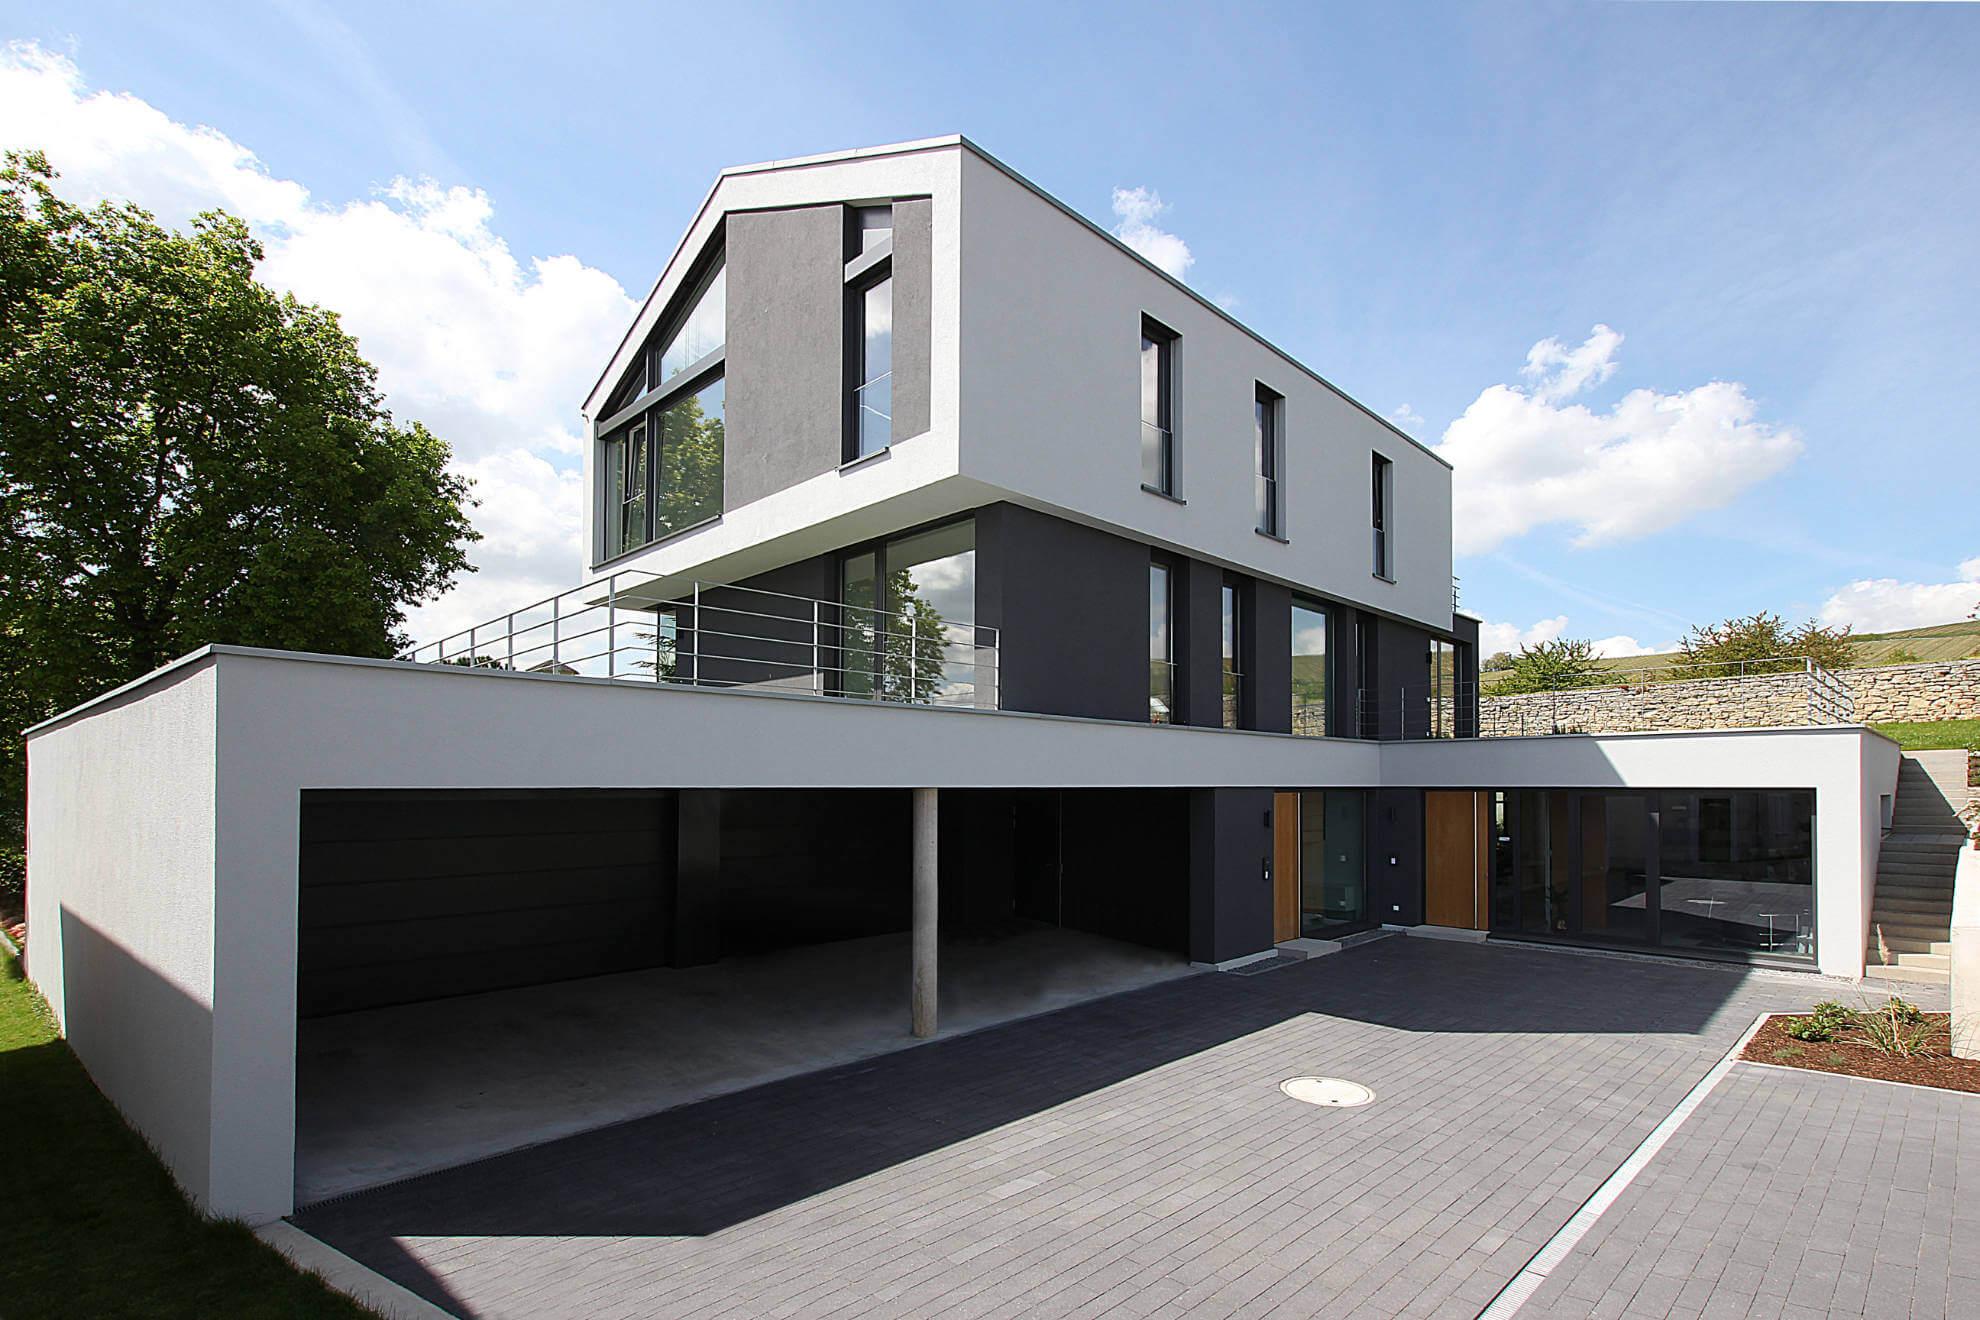 App-02-marcbetz architekten